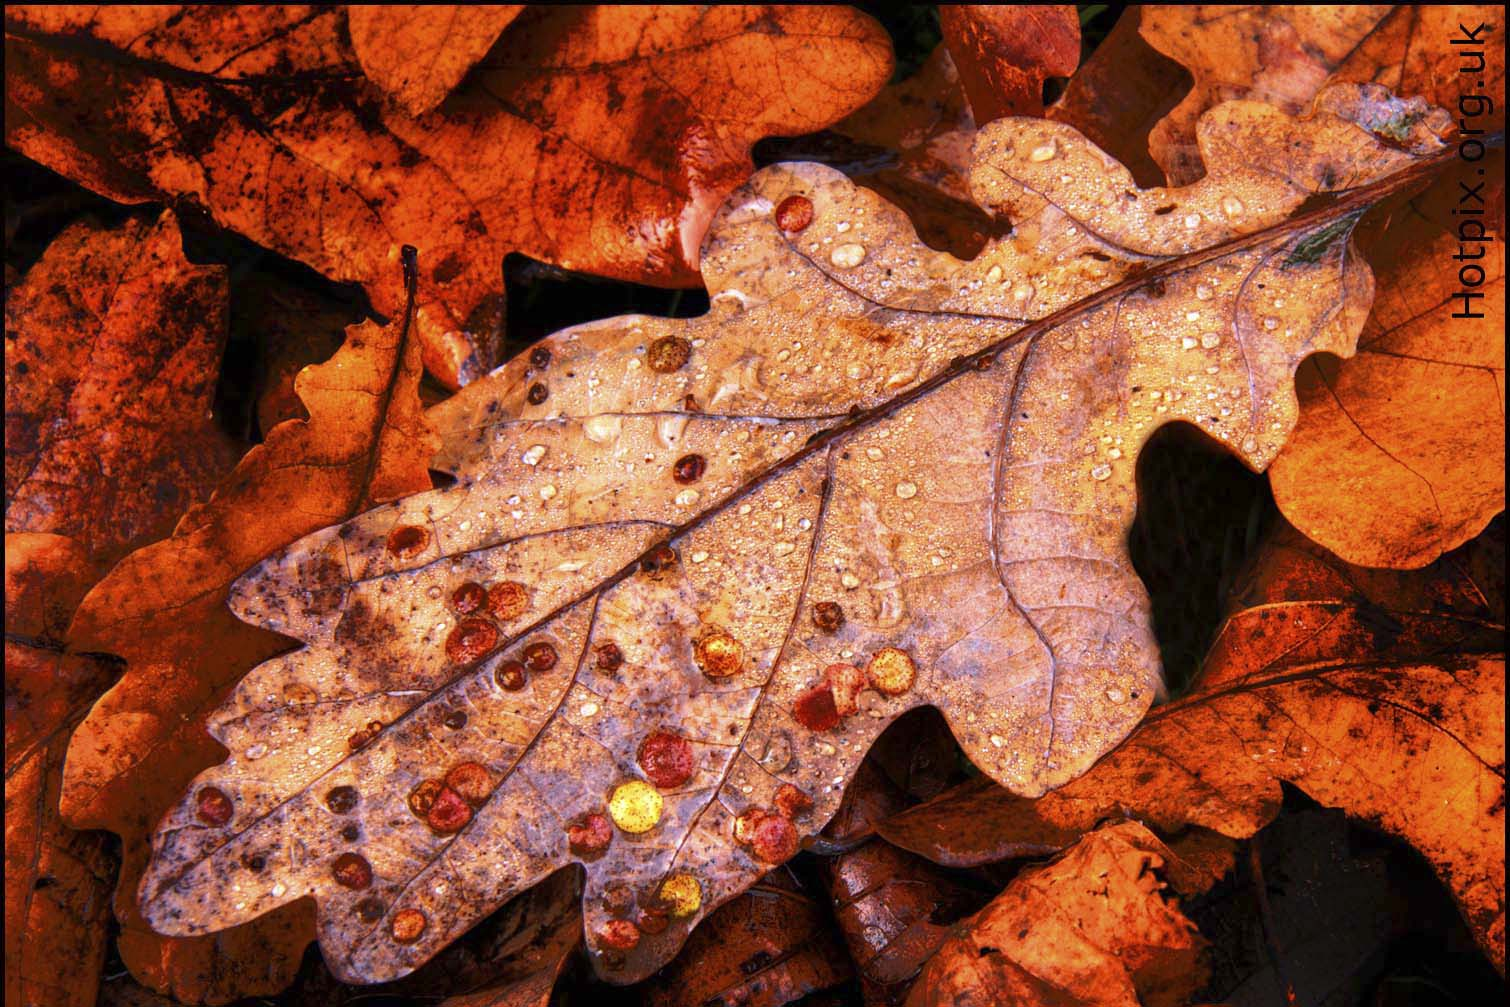 leaf,leaves,autumn,tree,trees,common,oak,spangle,gall,oak tree,brown,tony,smith,hotpixuk,hotpix,uk,tdktony,365days,photo,photos,photography,photographer,hotpix.org.uk,www.hotpix.org.uk